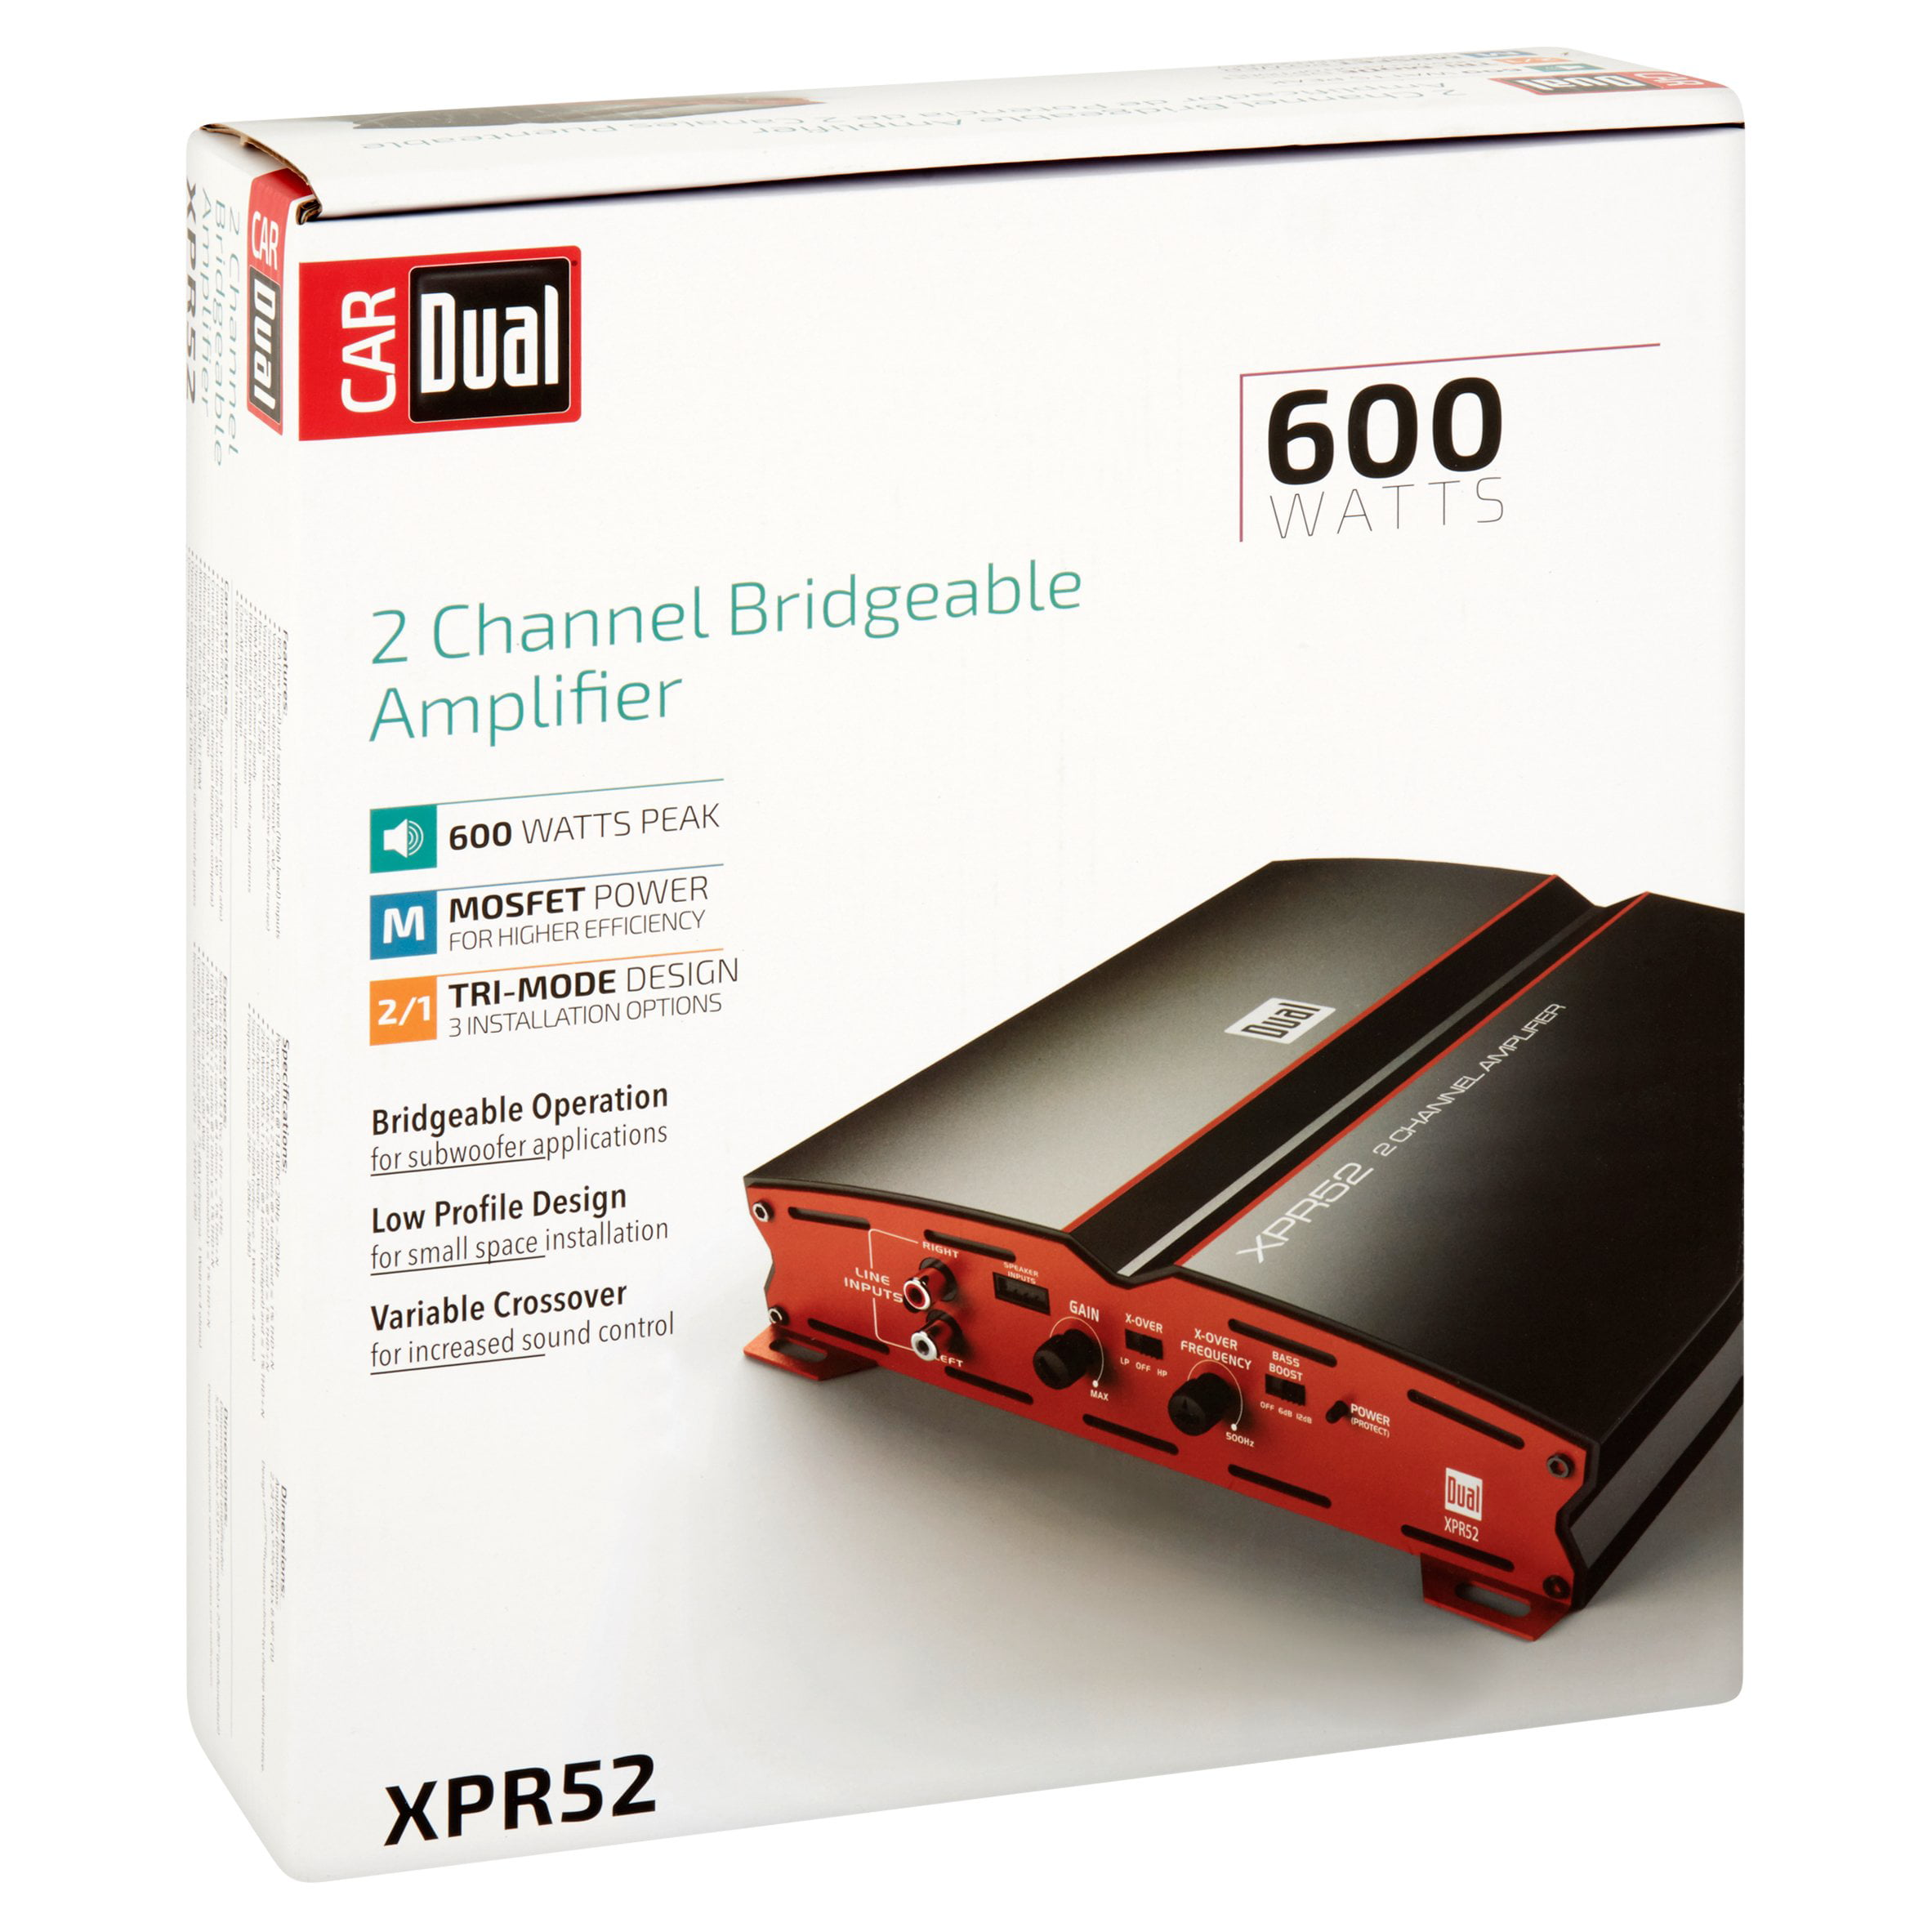 Dual XPR52 2-Channel Bridgeable Amplifier - Walmart.com